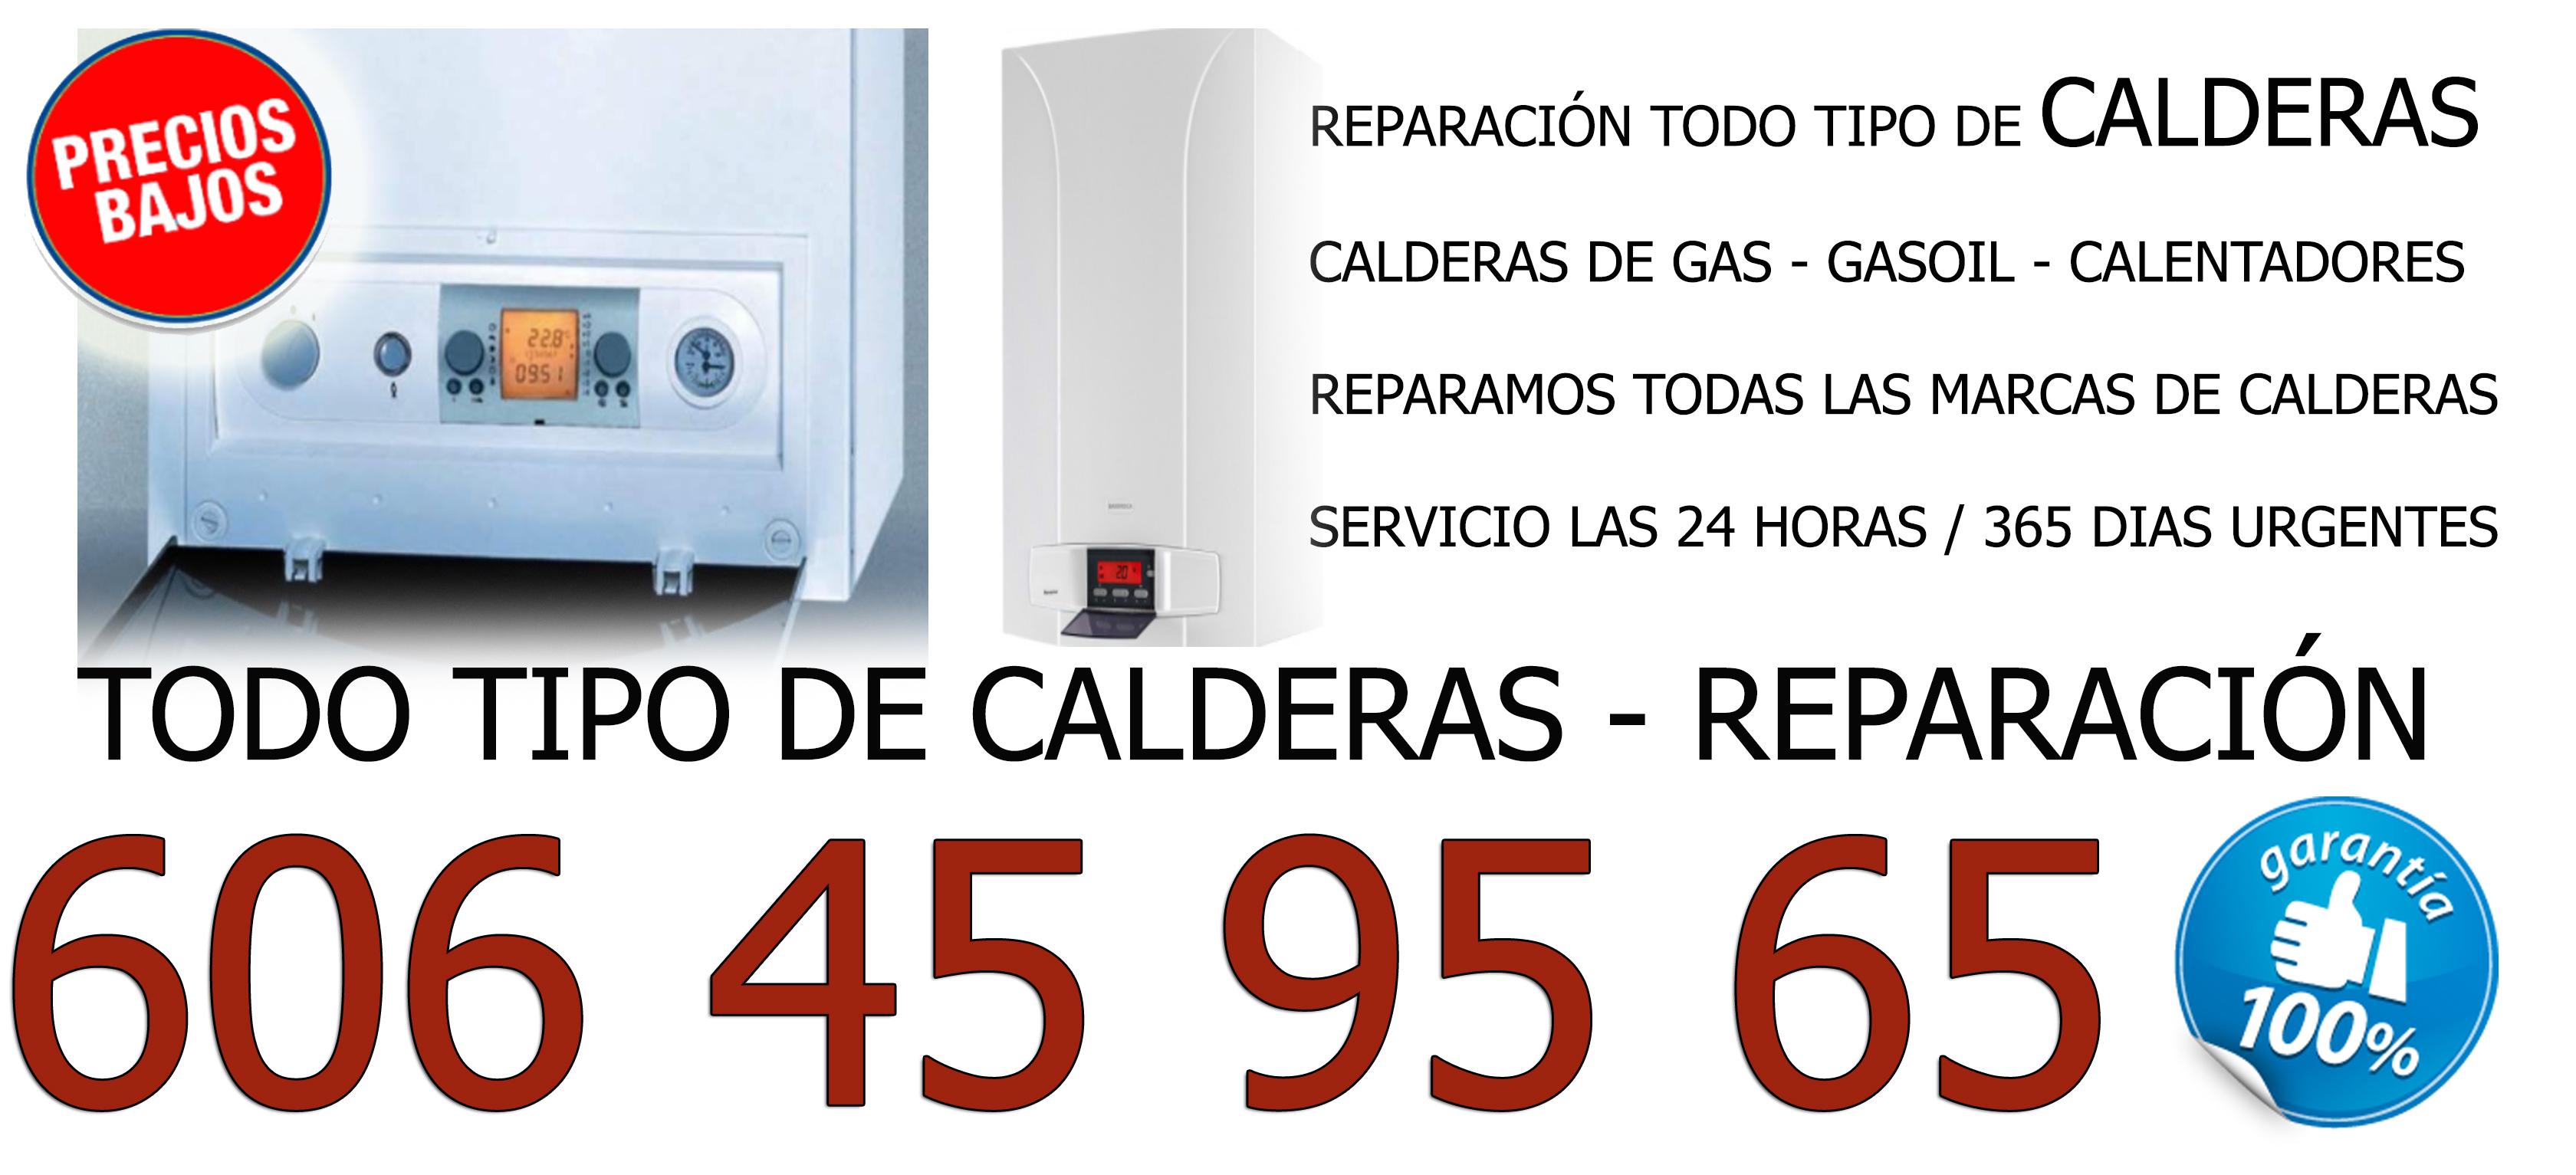 Reparaciones de Calderas 08026